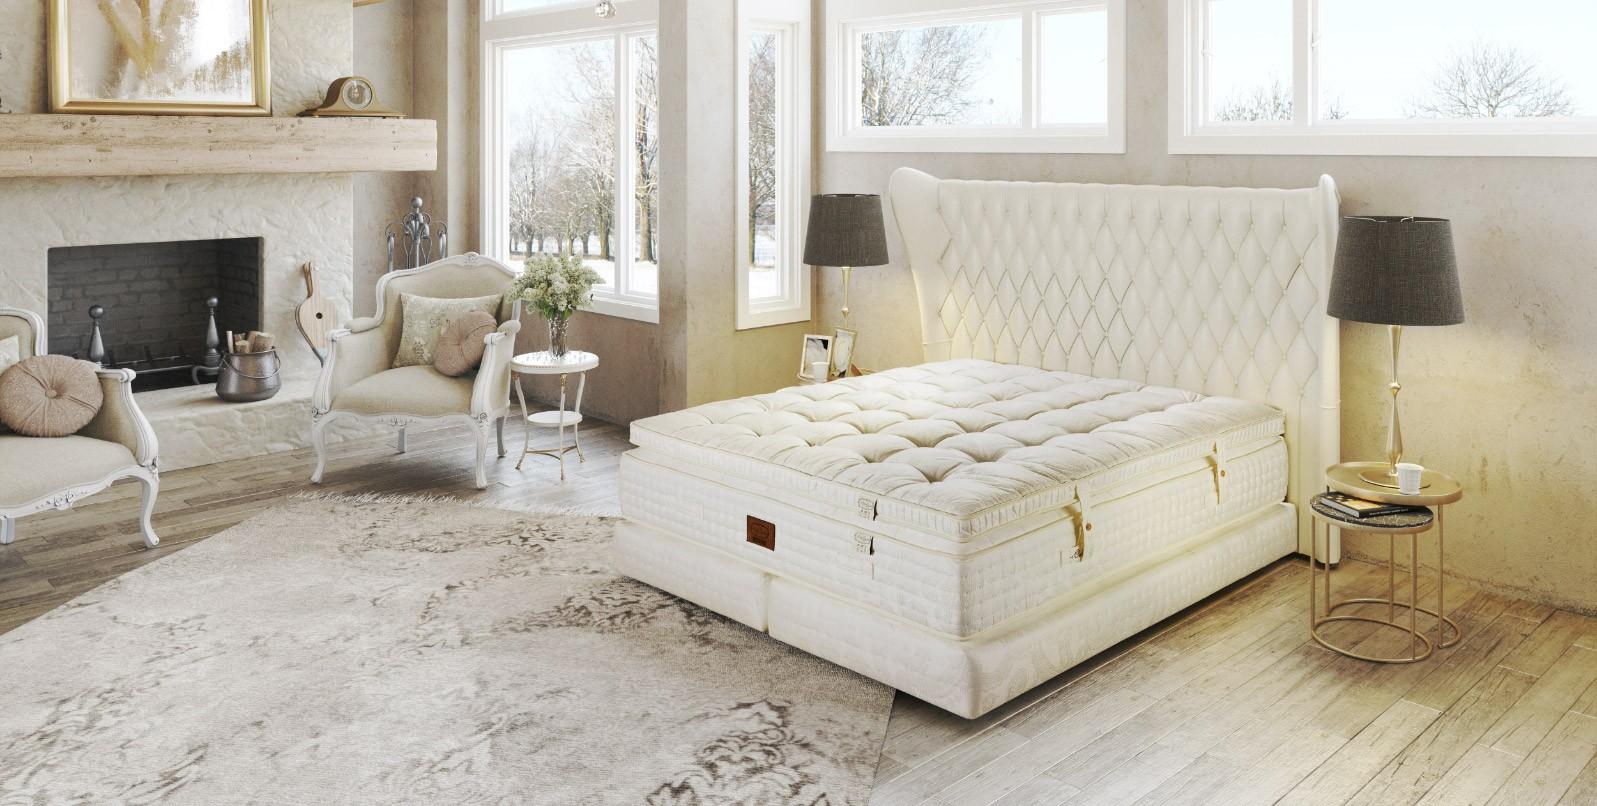 El topper de colchón es la guinda del descanso premium